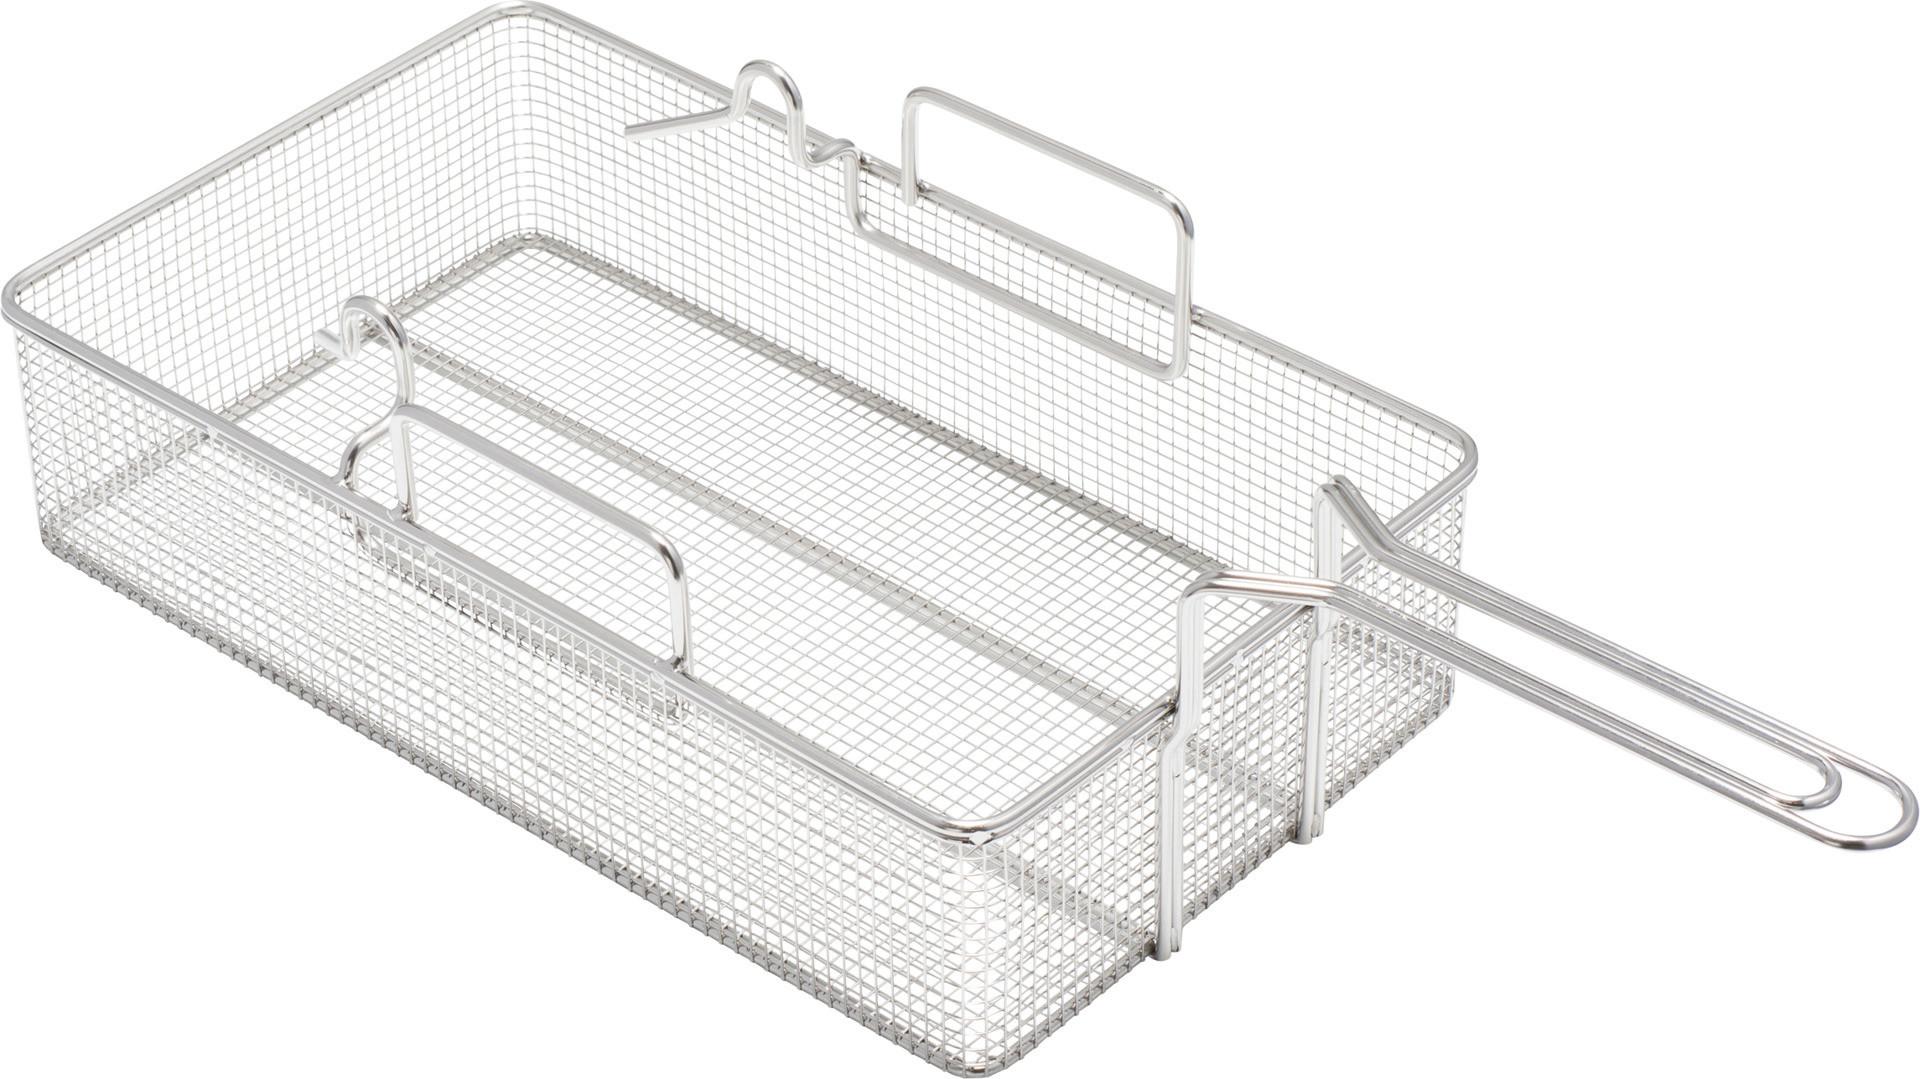 Frittierkorb für Typ 112+ / 112T / Kapazität 1 kg Lebensmittel